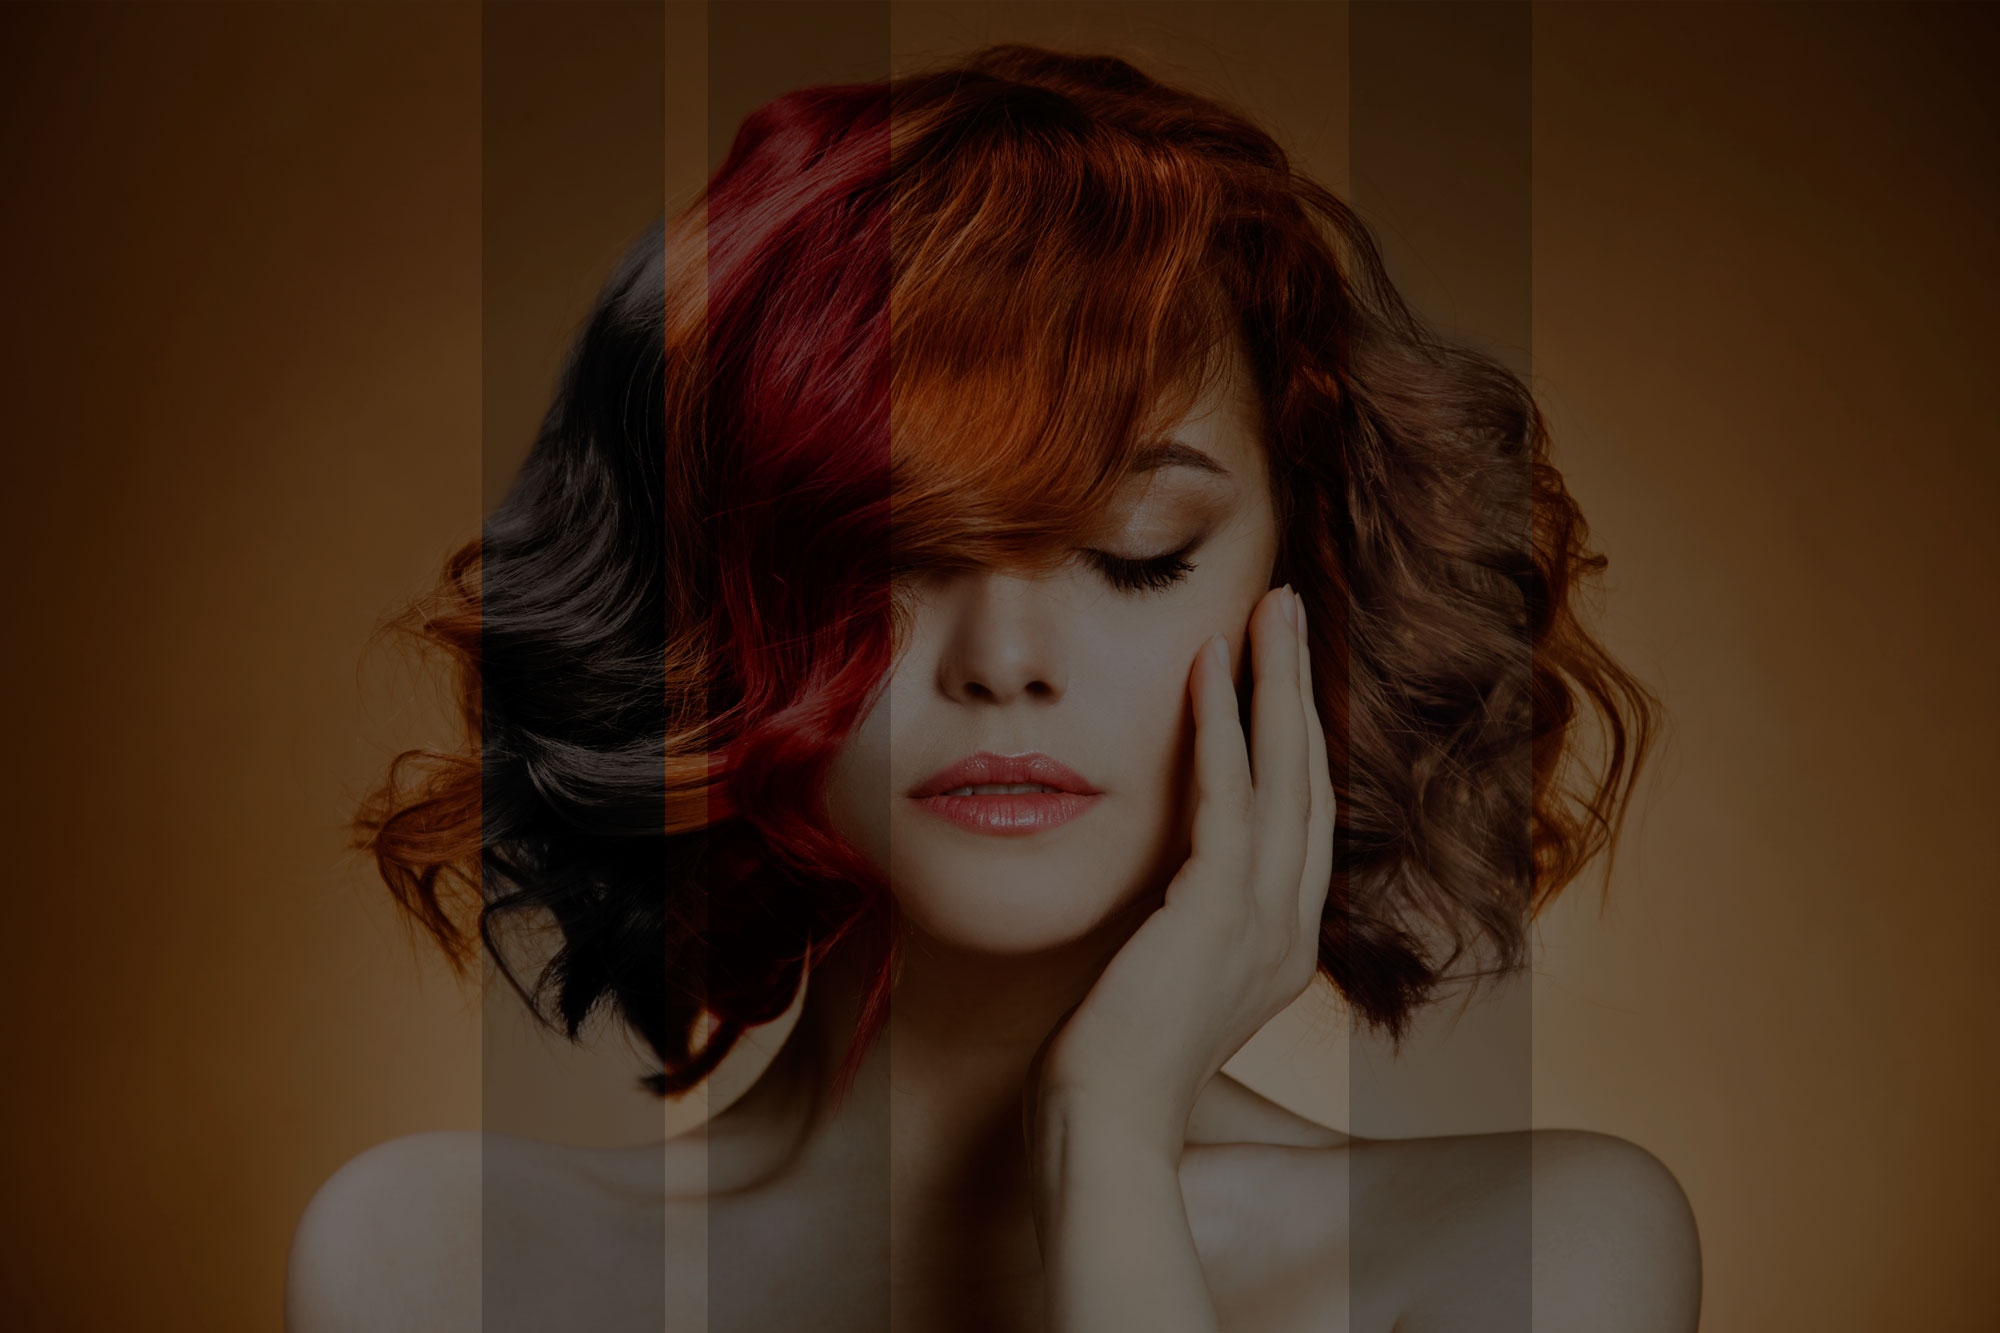 Velkommen til Elgeseter hårdesign